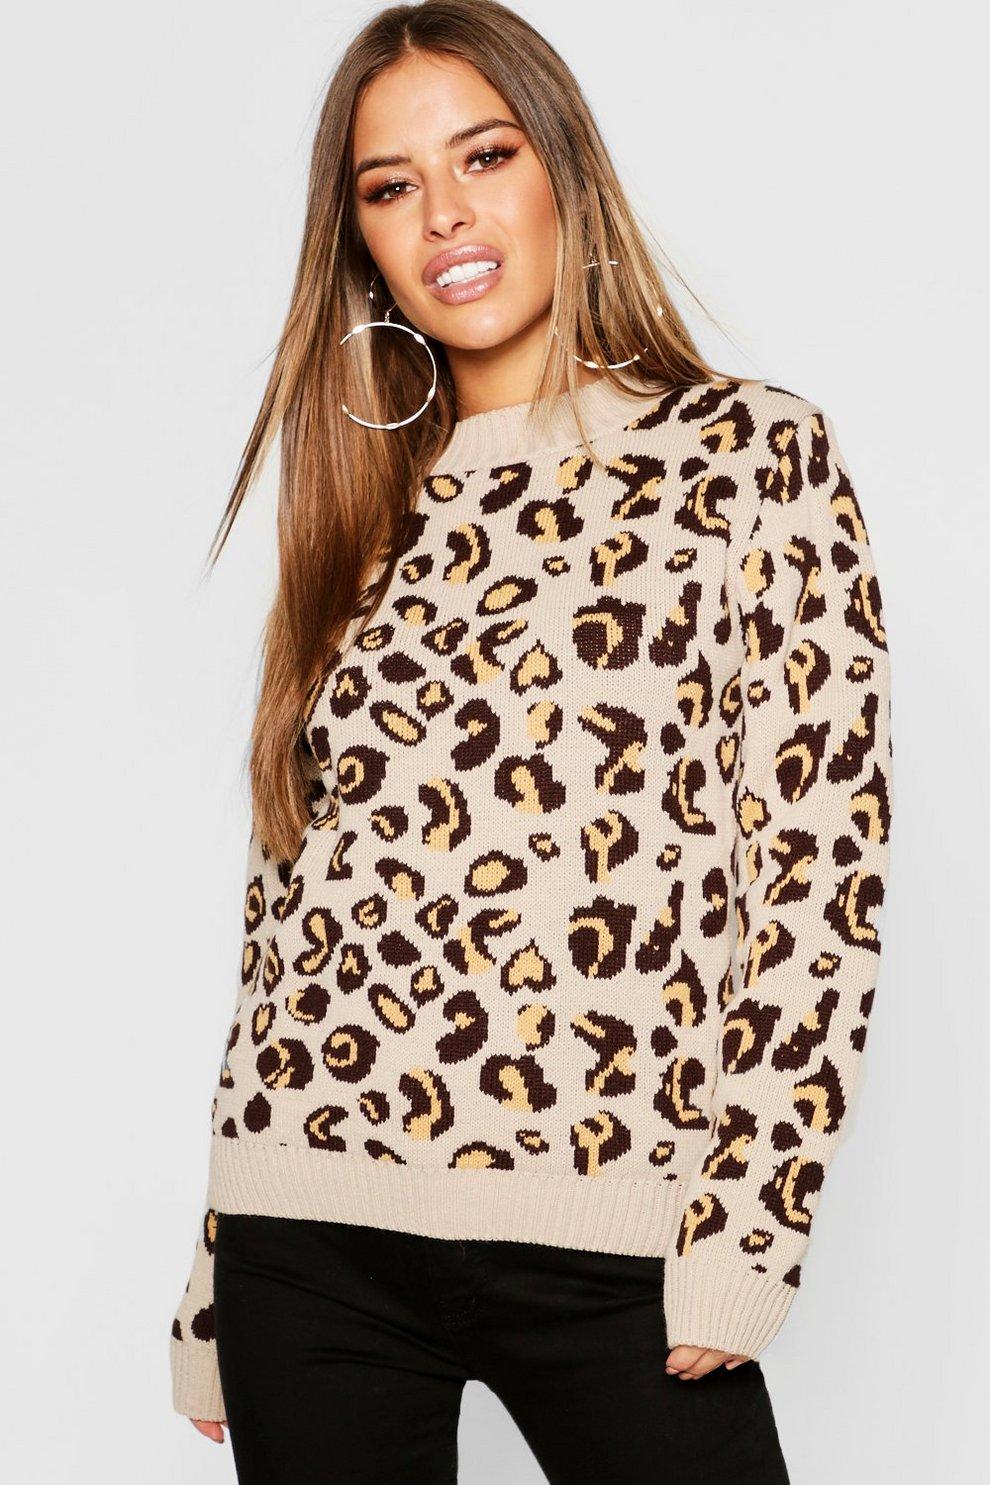 Petite Leopard Print Oversized Sweater  c461e4518